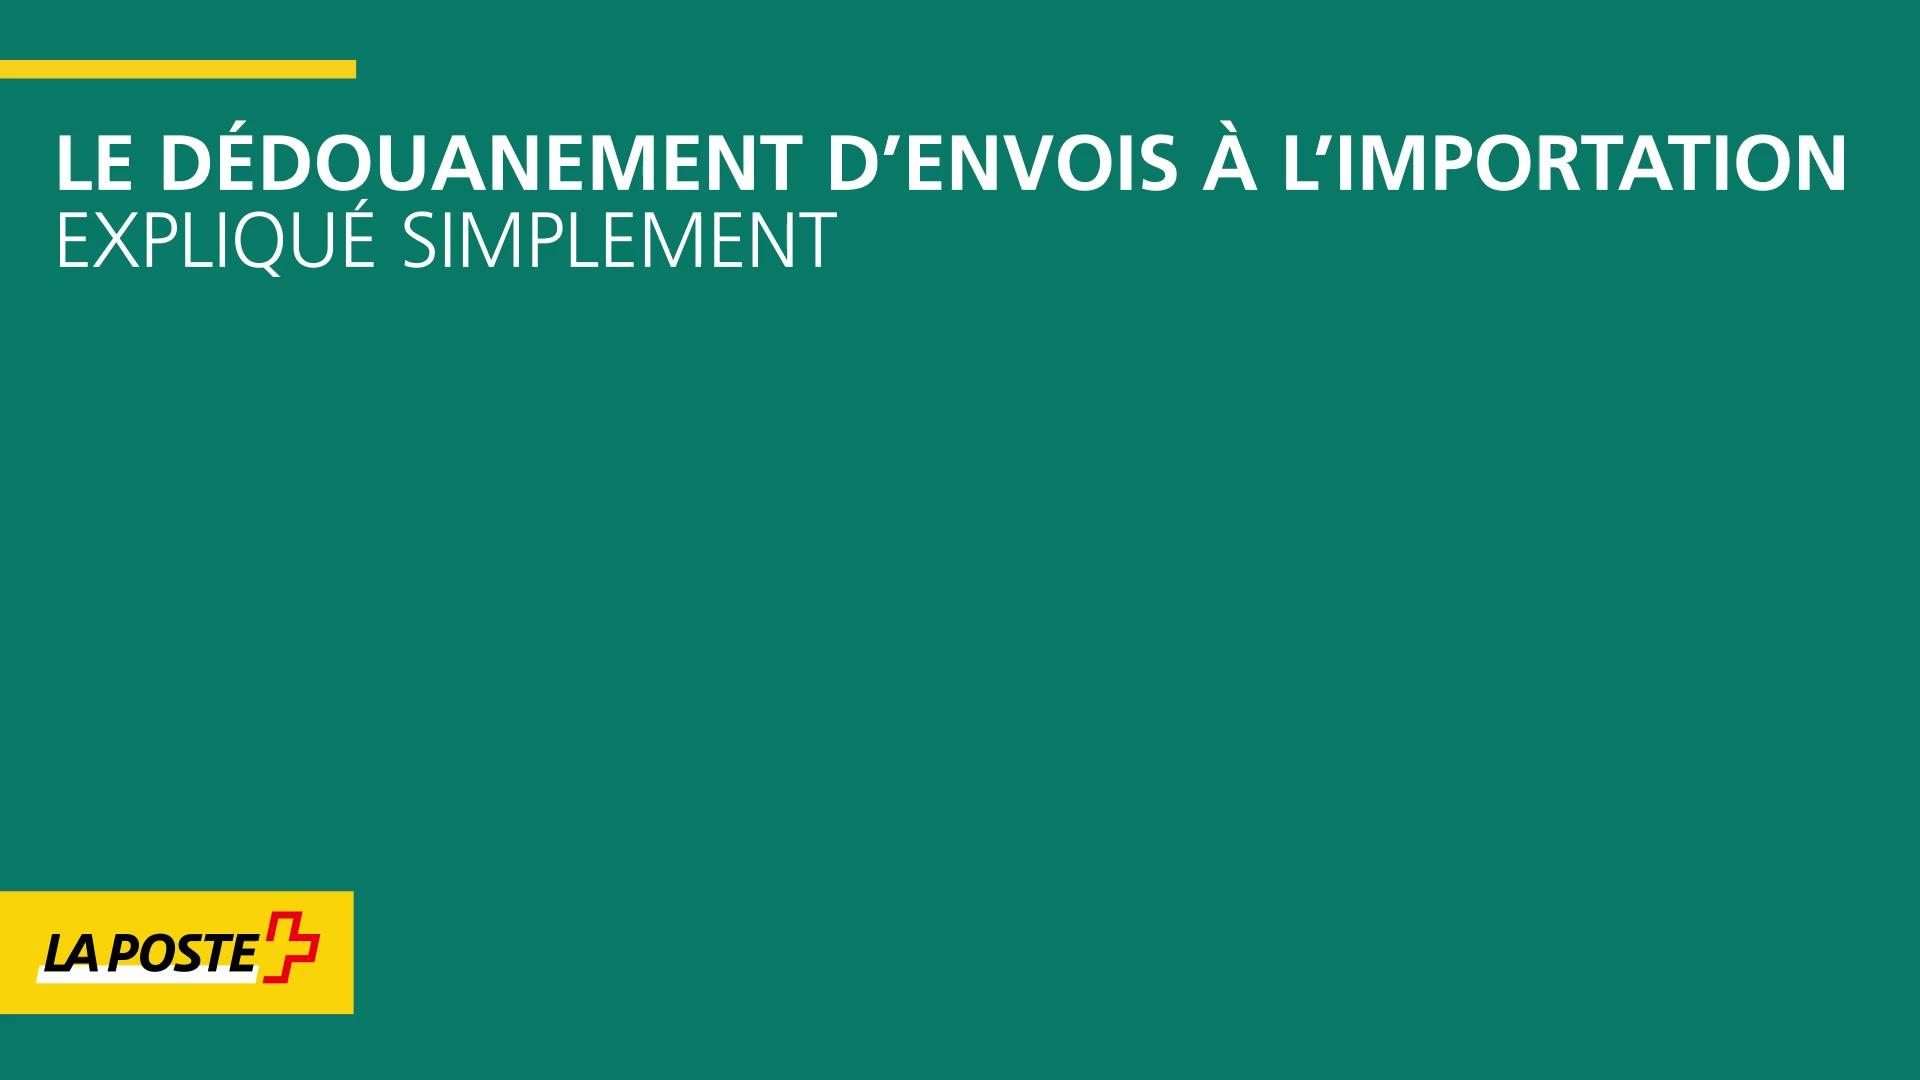 Prix Du Dedouanement A L Importation La Poste